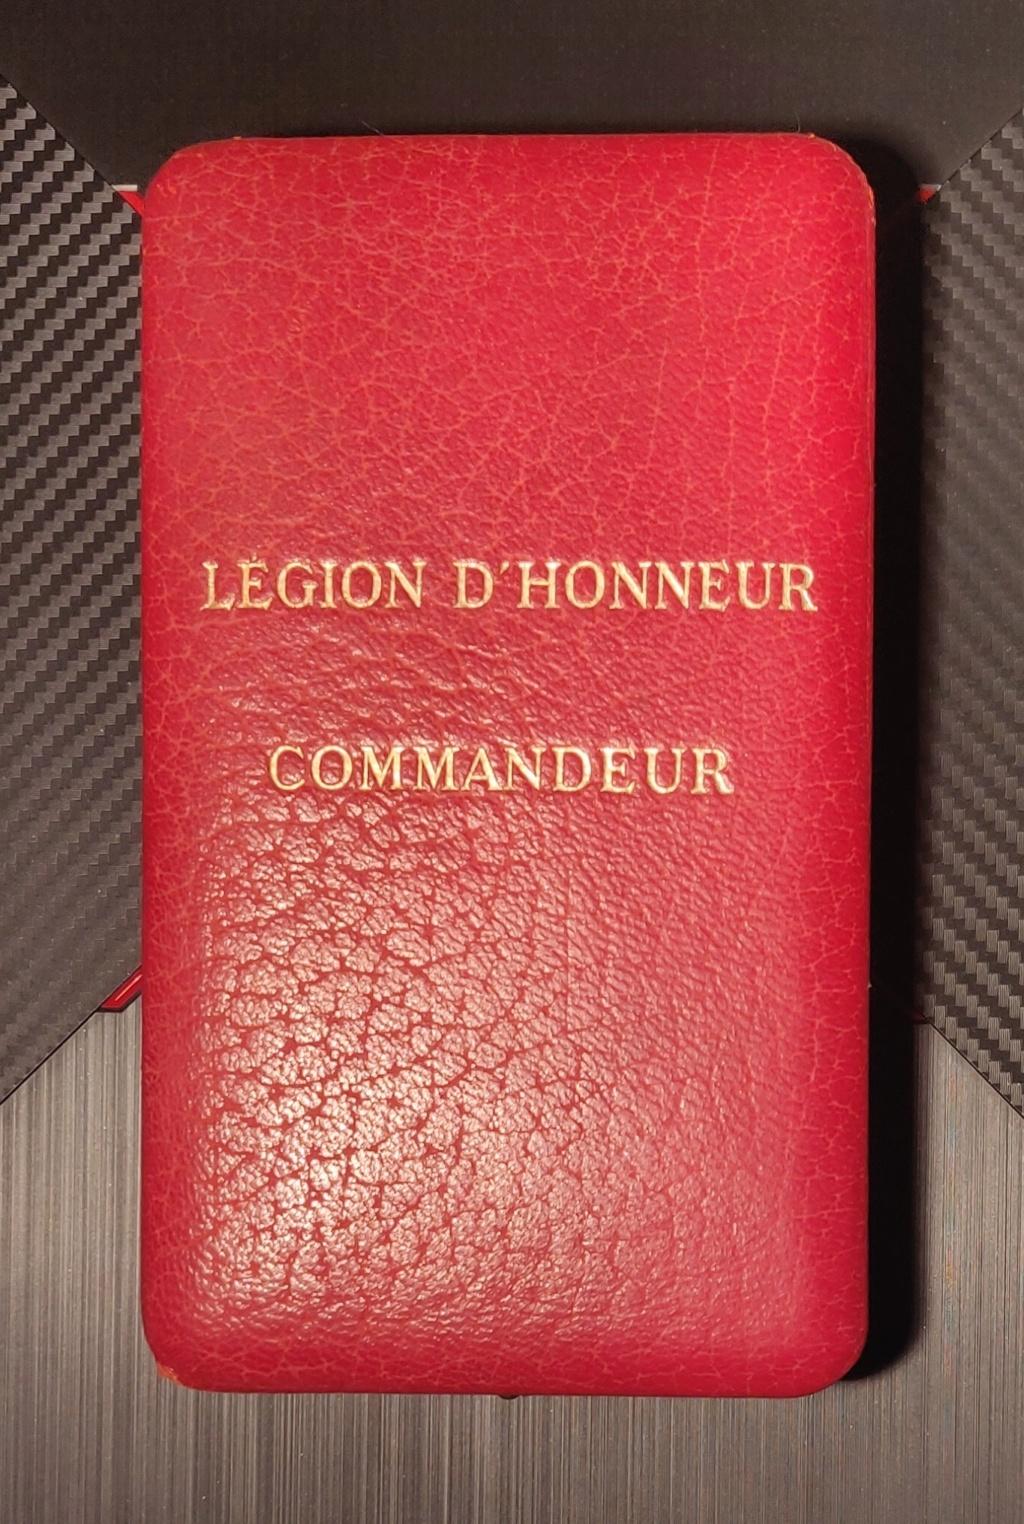 Deux légions d'honneur et une commandeur 4 ème rép ?  Img_2096